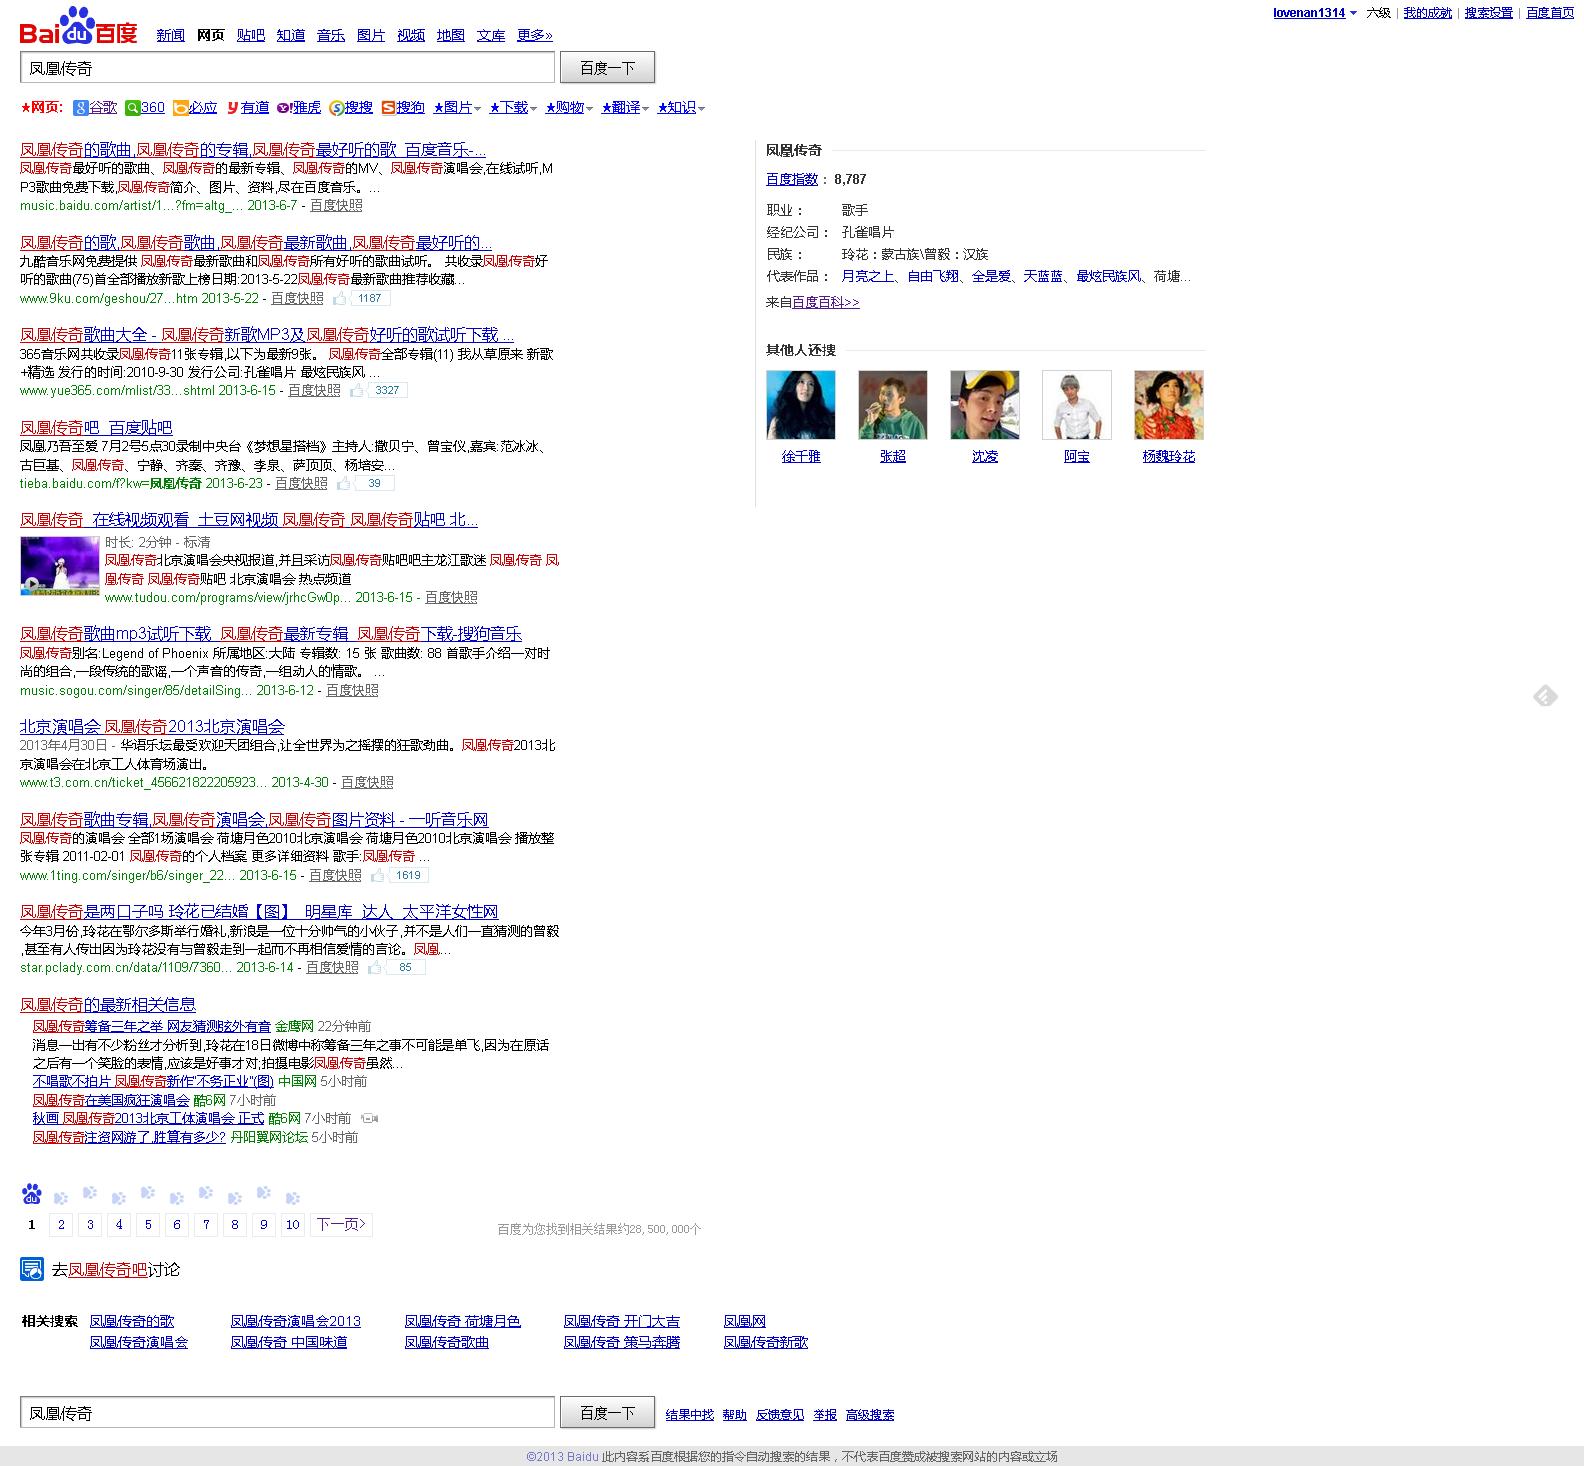 搜索凤凰传奇,首页没有百度百科,怎么回事?